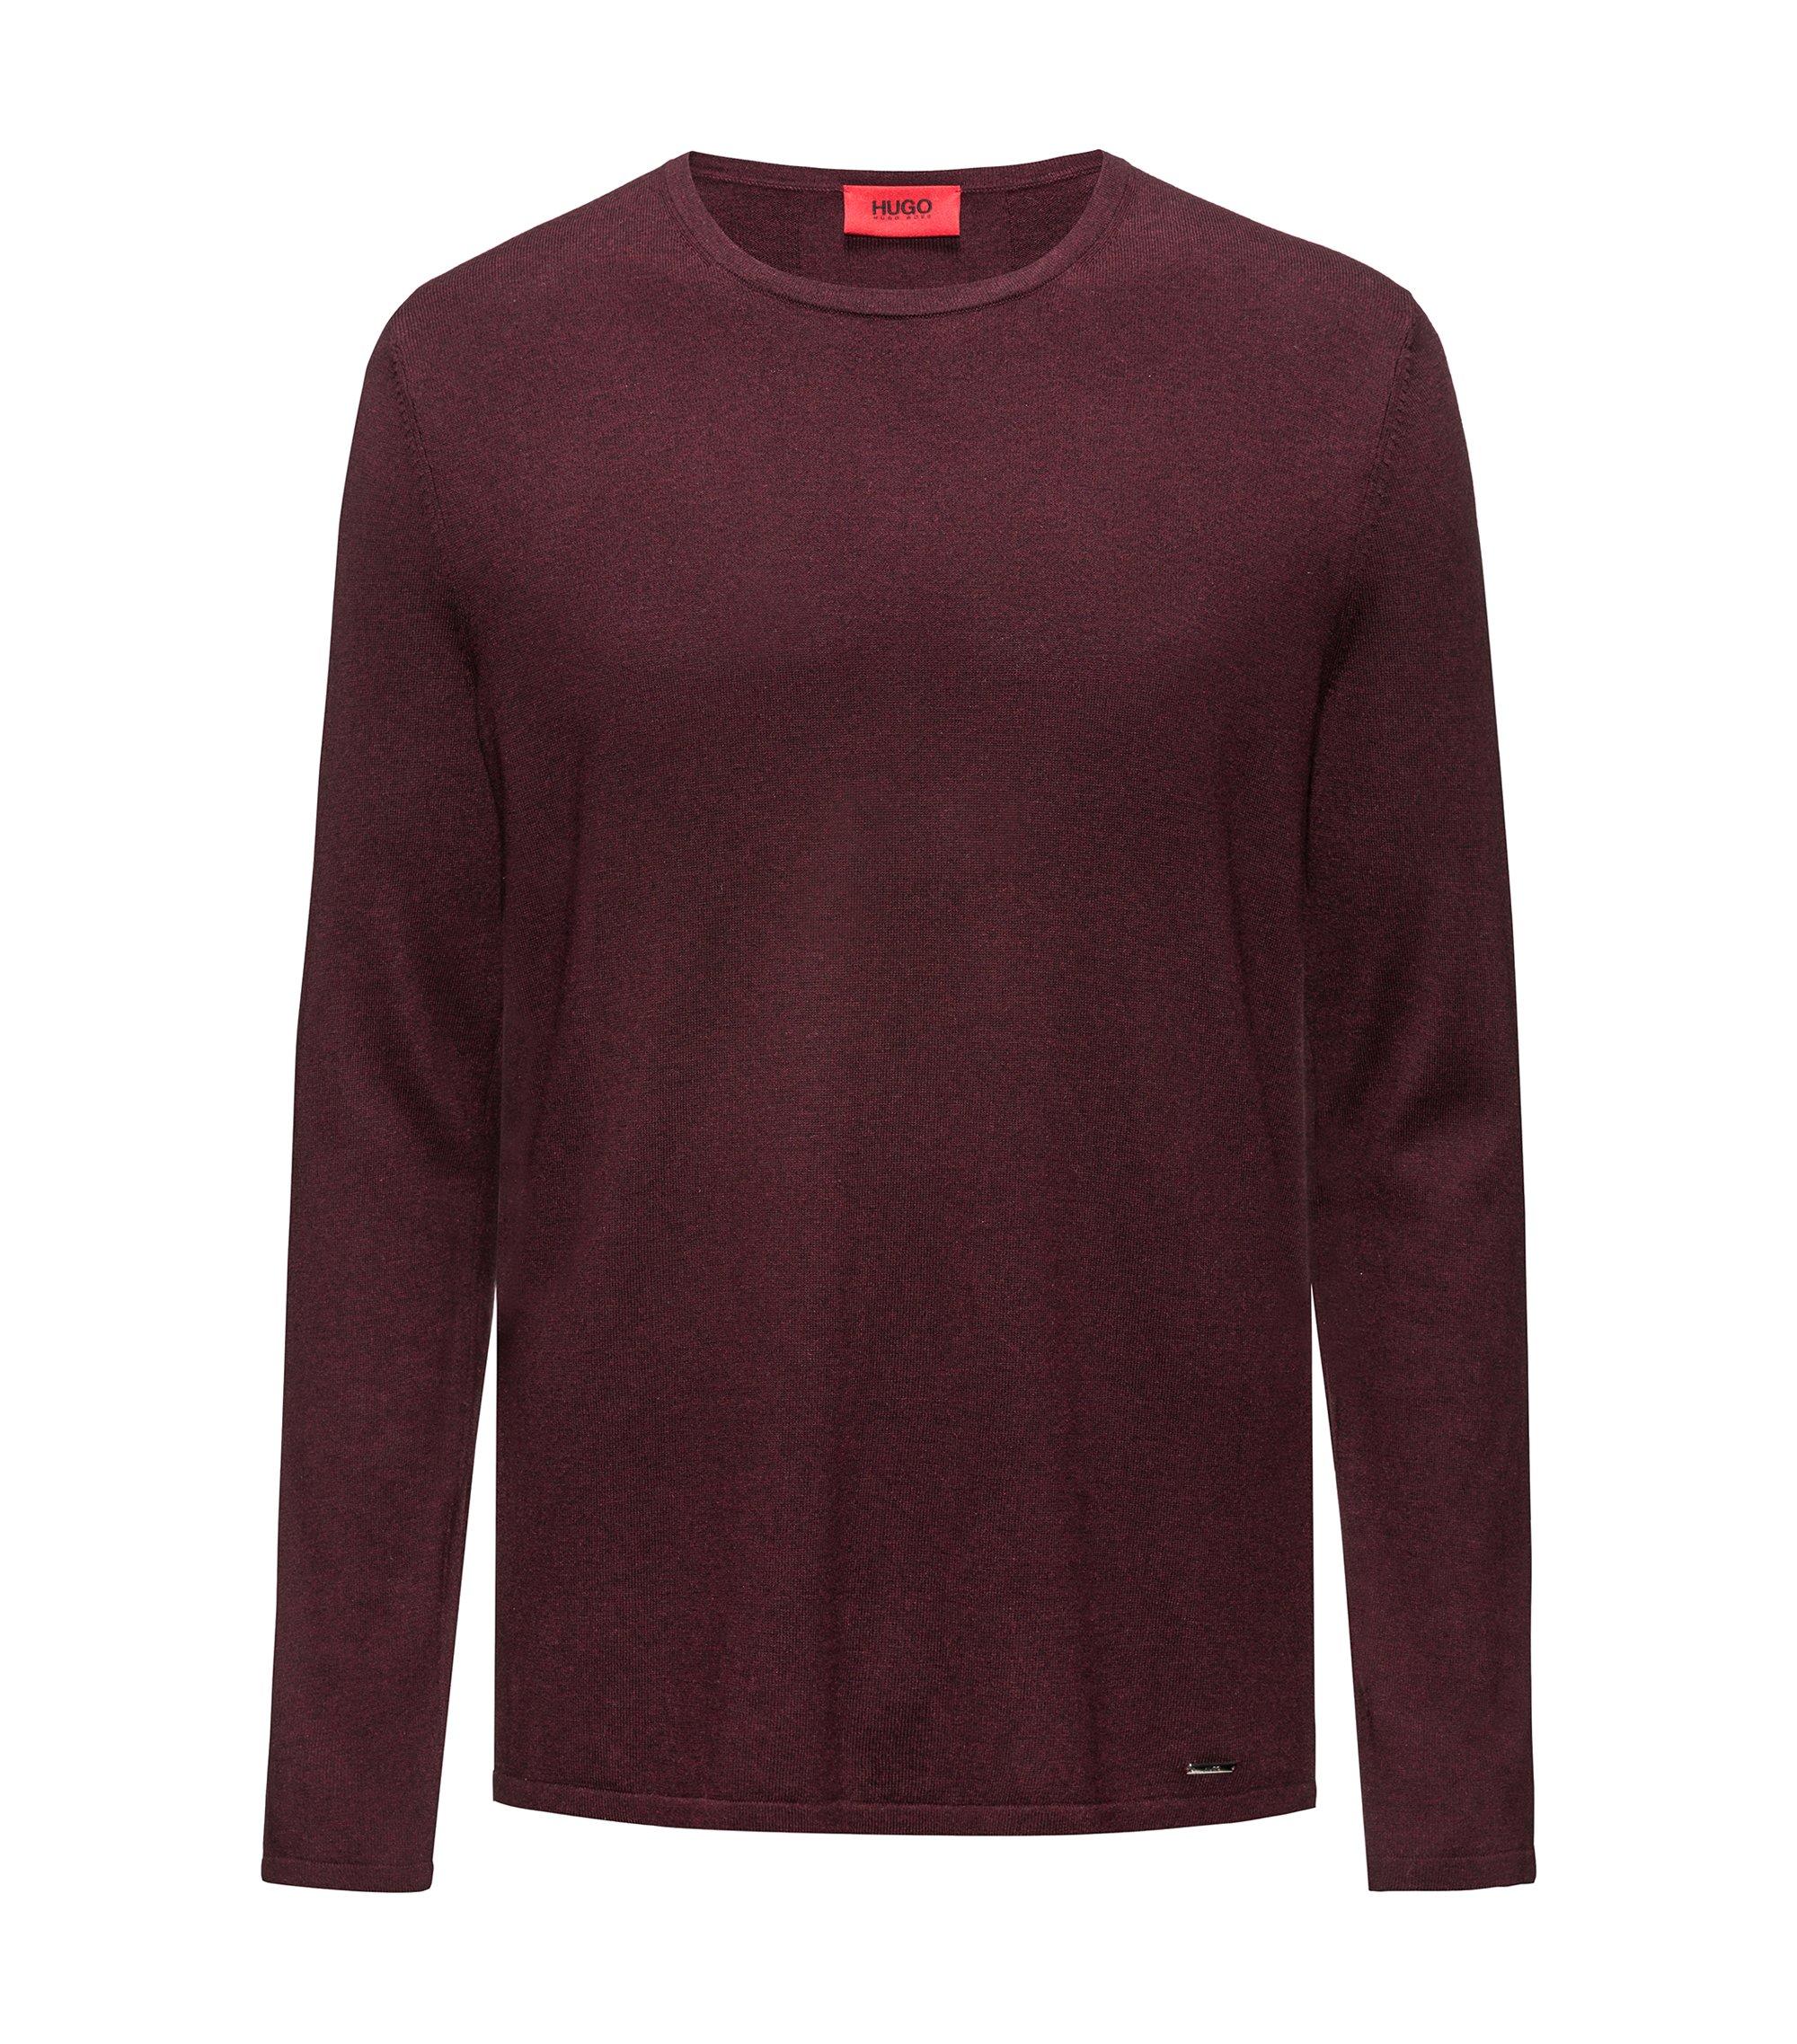 Crew-neck sweater in a cotton blend, Dark Red